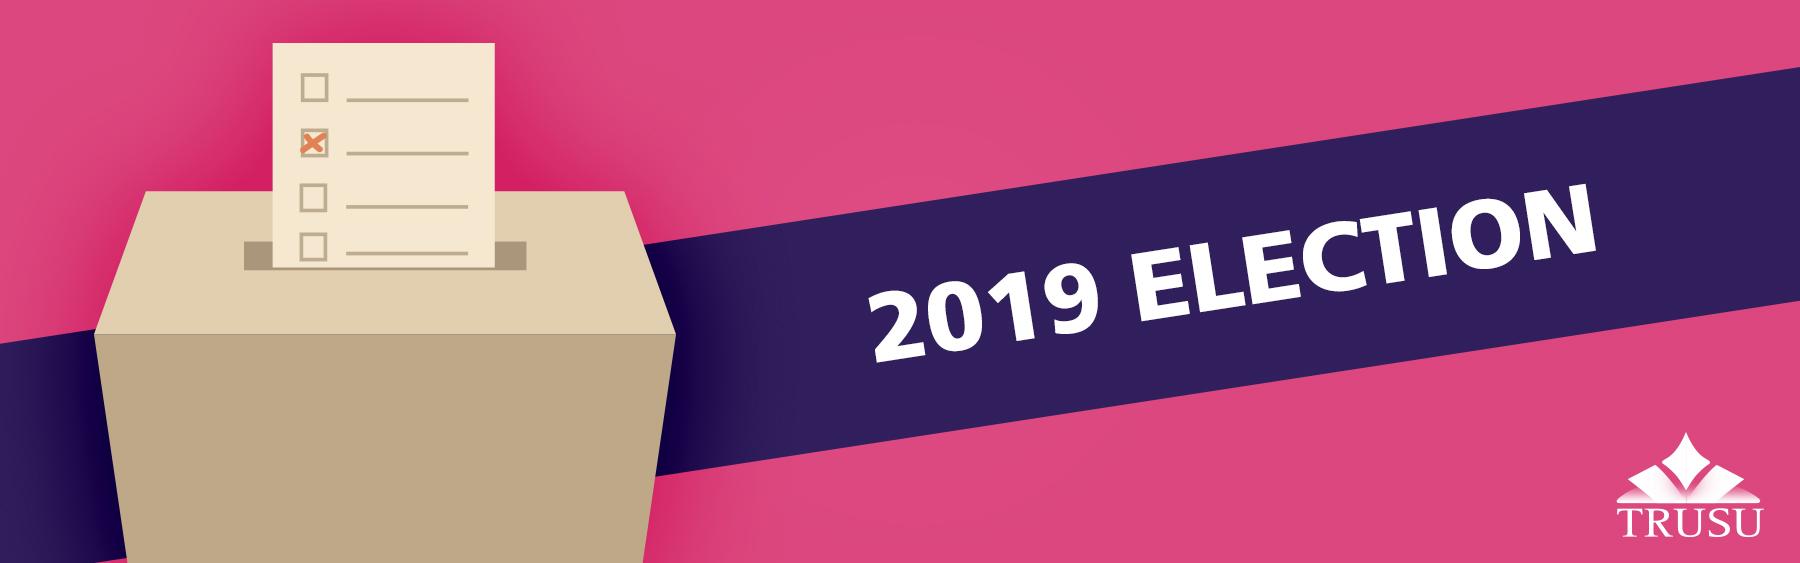 2019 TRUSU Election Voting